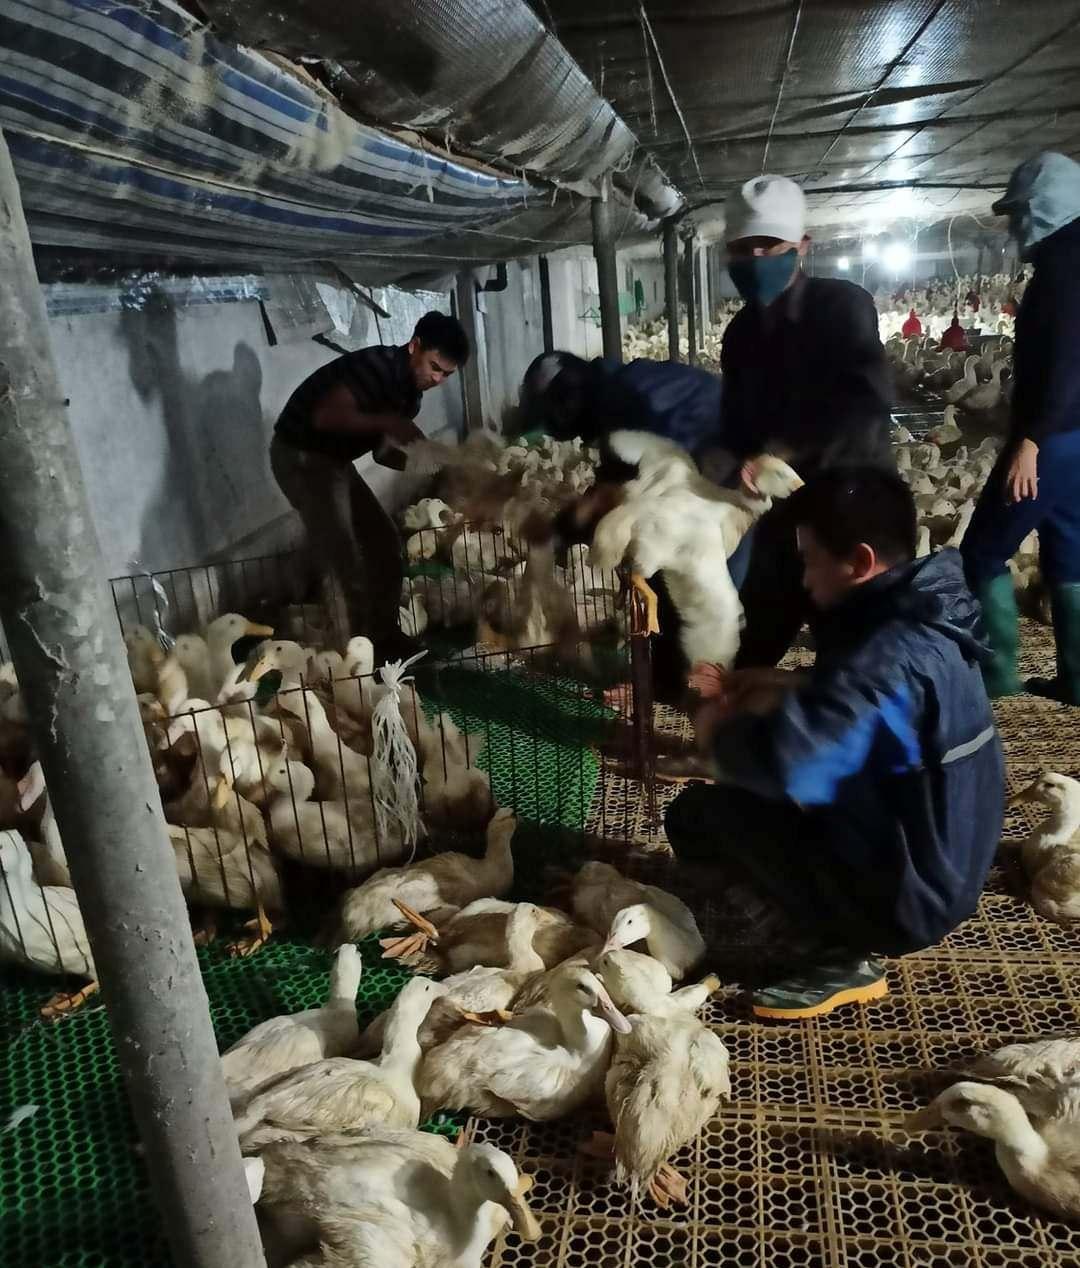 Giá gia cầm hôm nay 20/6: Vịt thịt miền Bắc đón tin vui, gà công nghiệp loại này bán trên 50.000 đồng/kg - Ảnh 1.